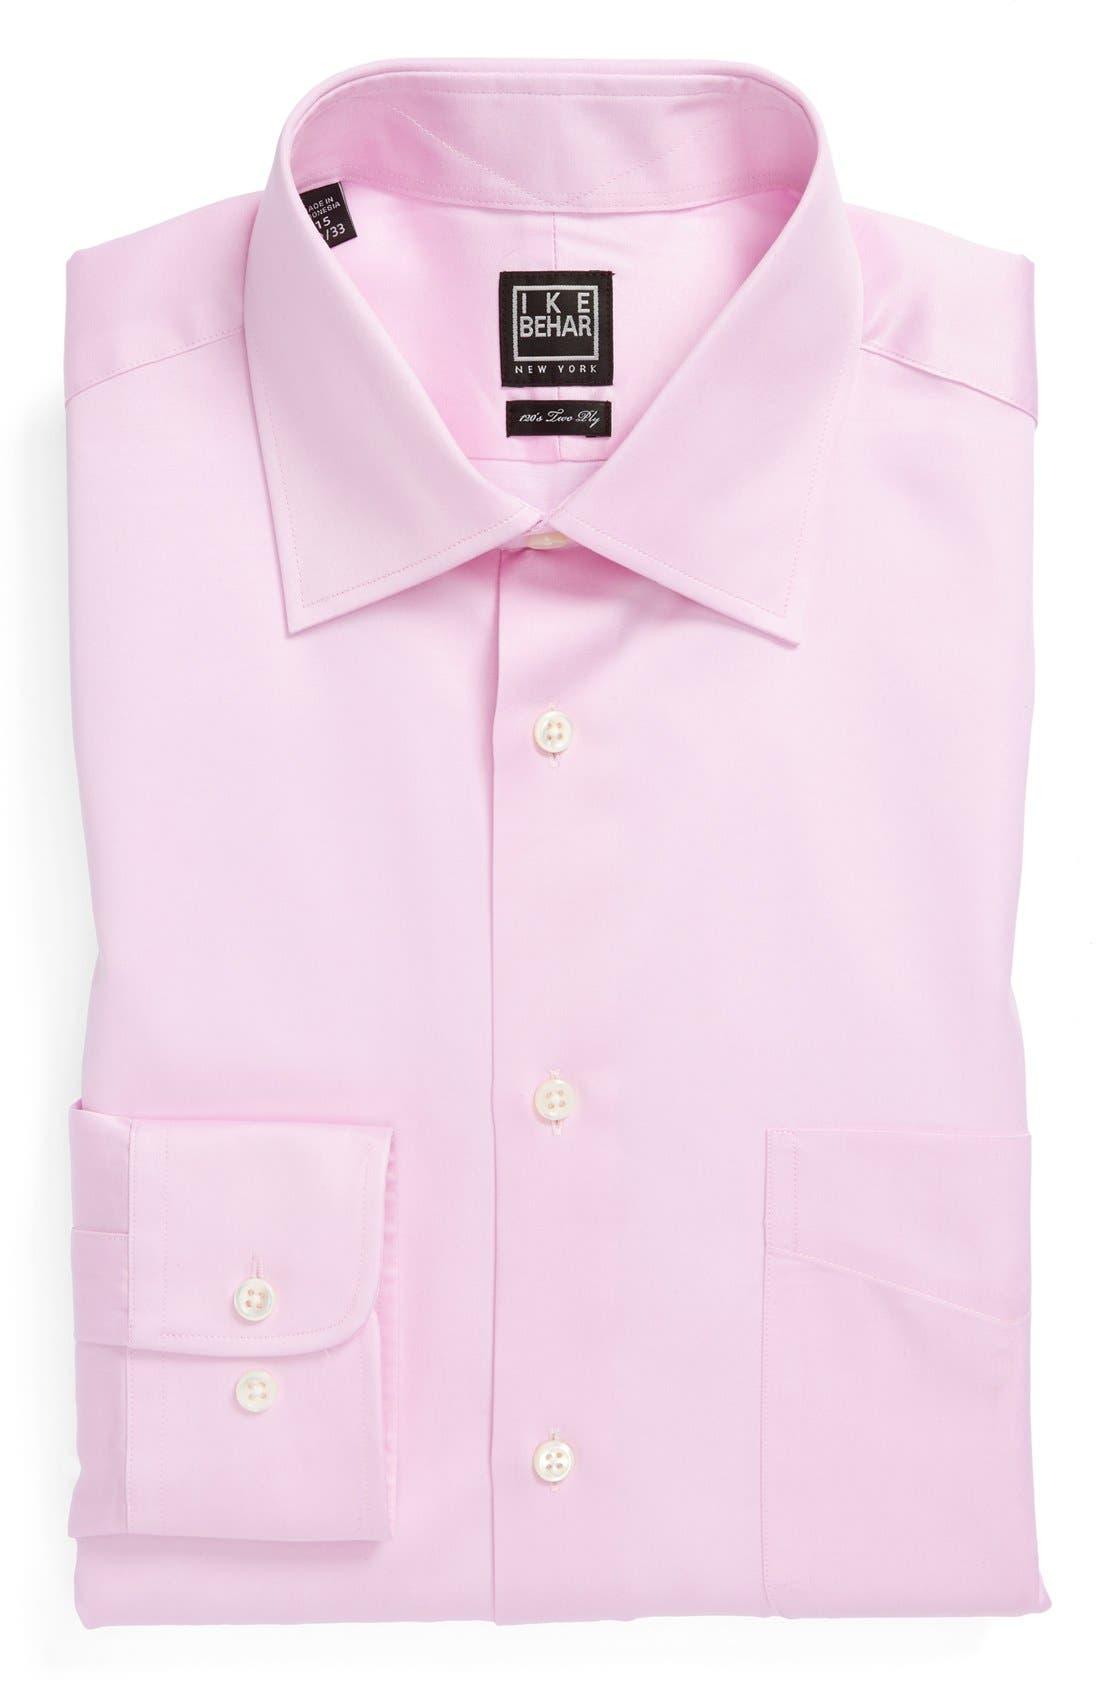 Main Image - Ike Behar Regular Fit Solid Dress Shirt (Online Only)